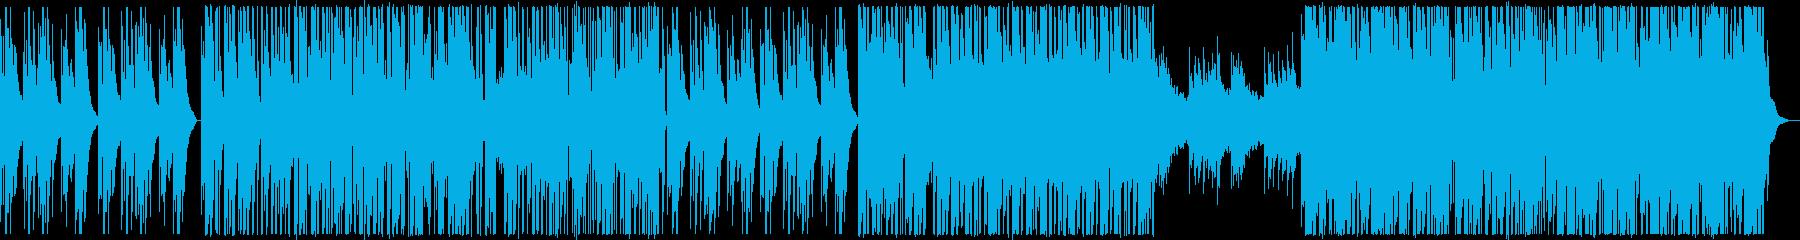 グリッチビートとジェントルなピアノの再生済みの波形